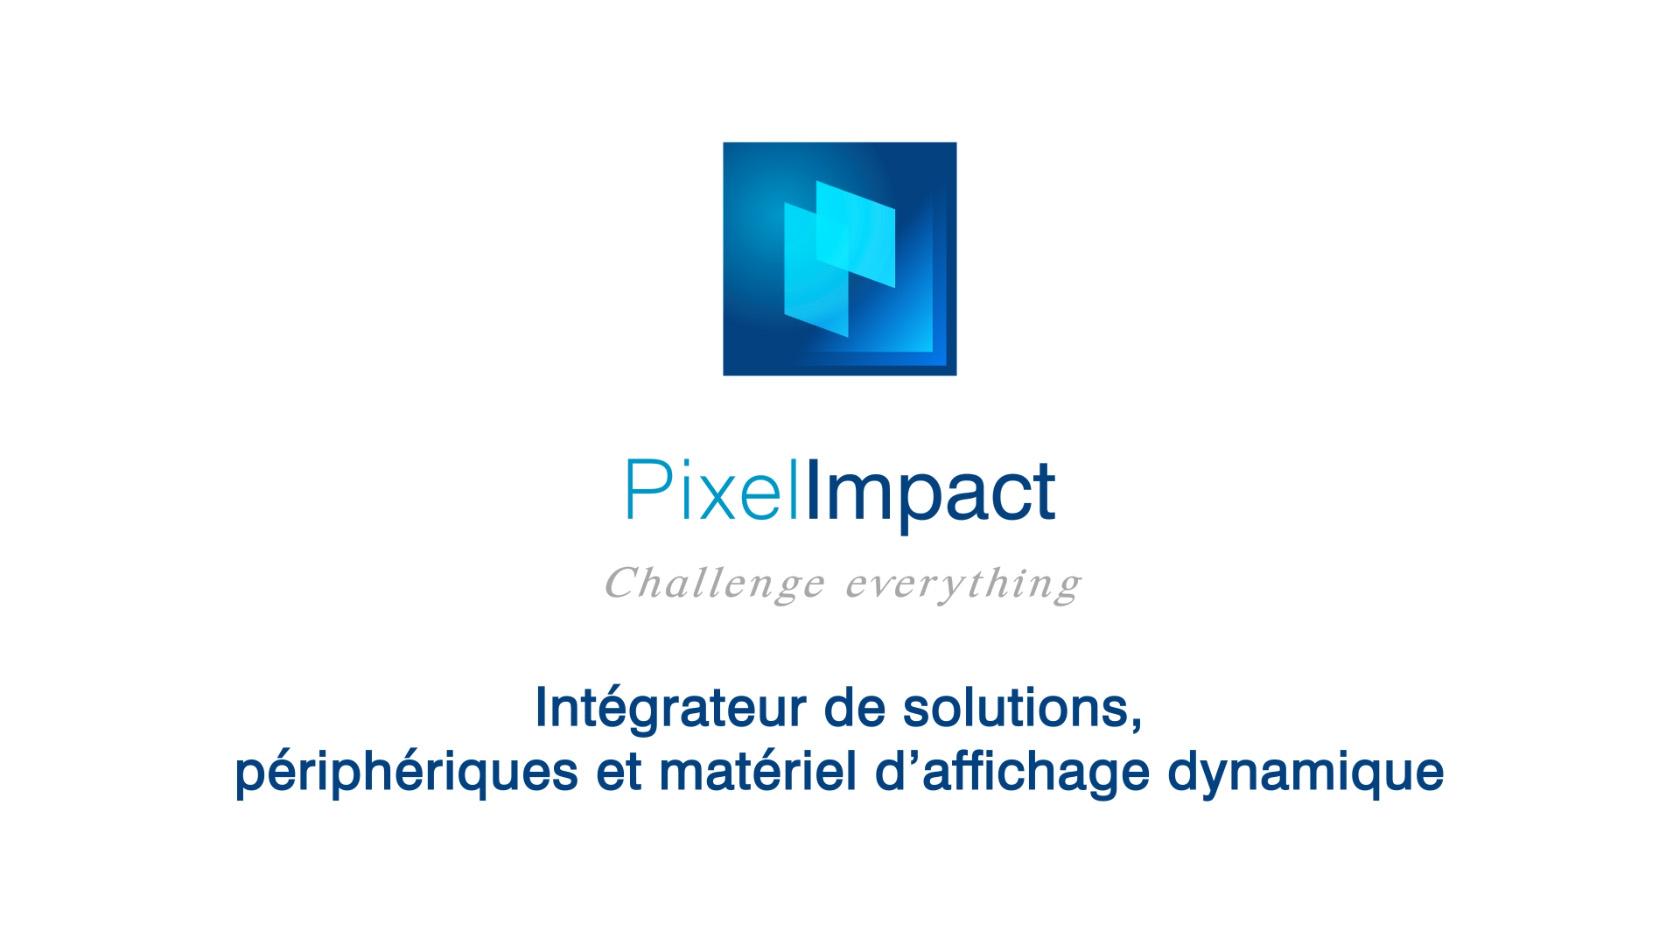 Pixel Impact Affichage dynamique Vaucluse